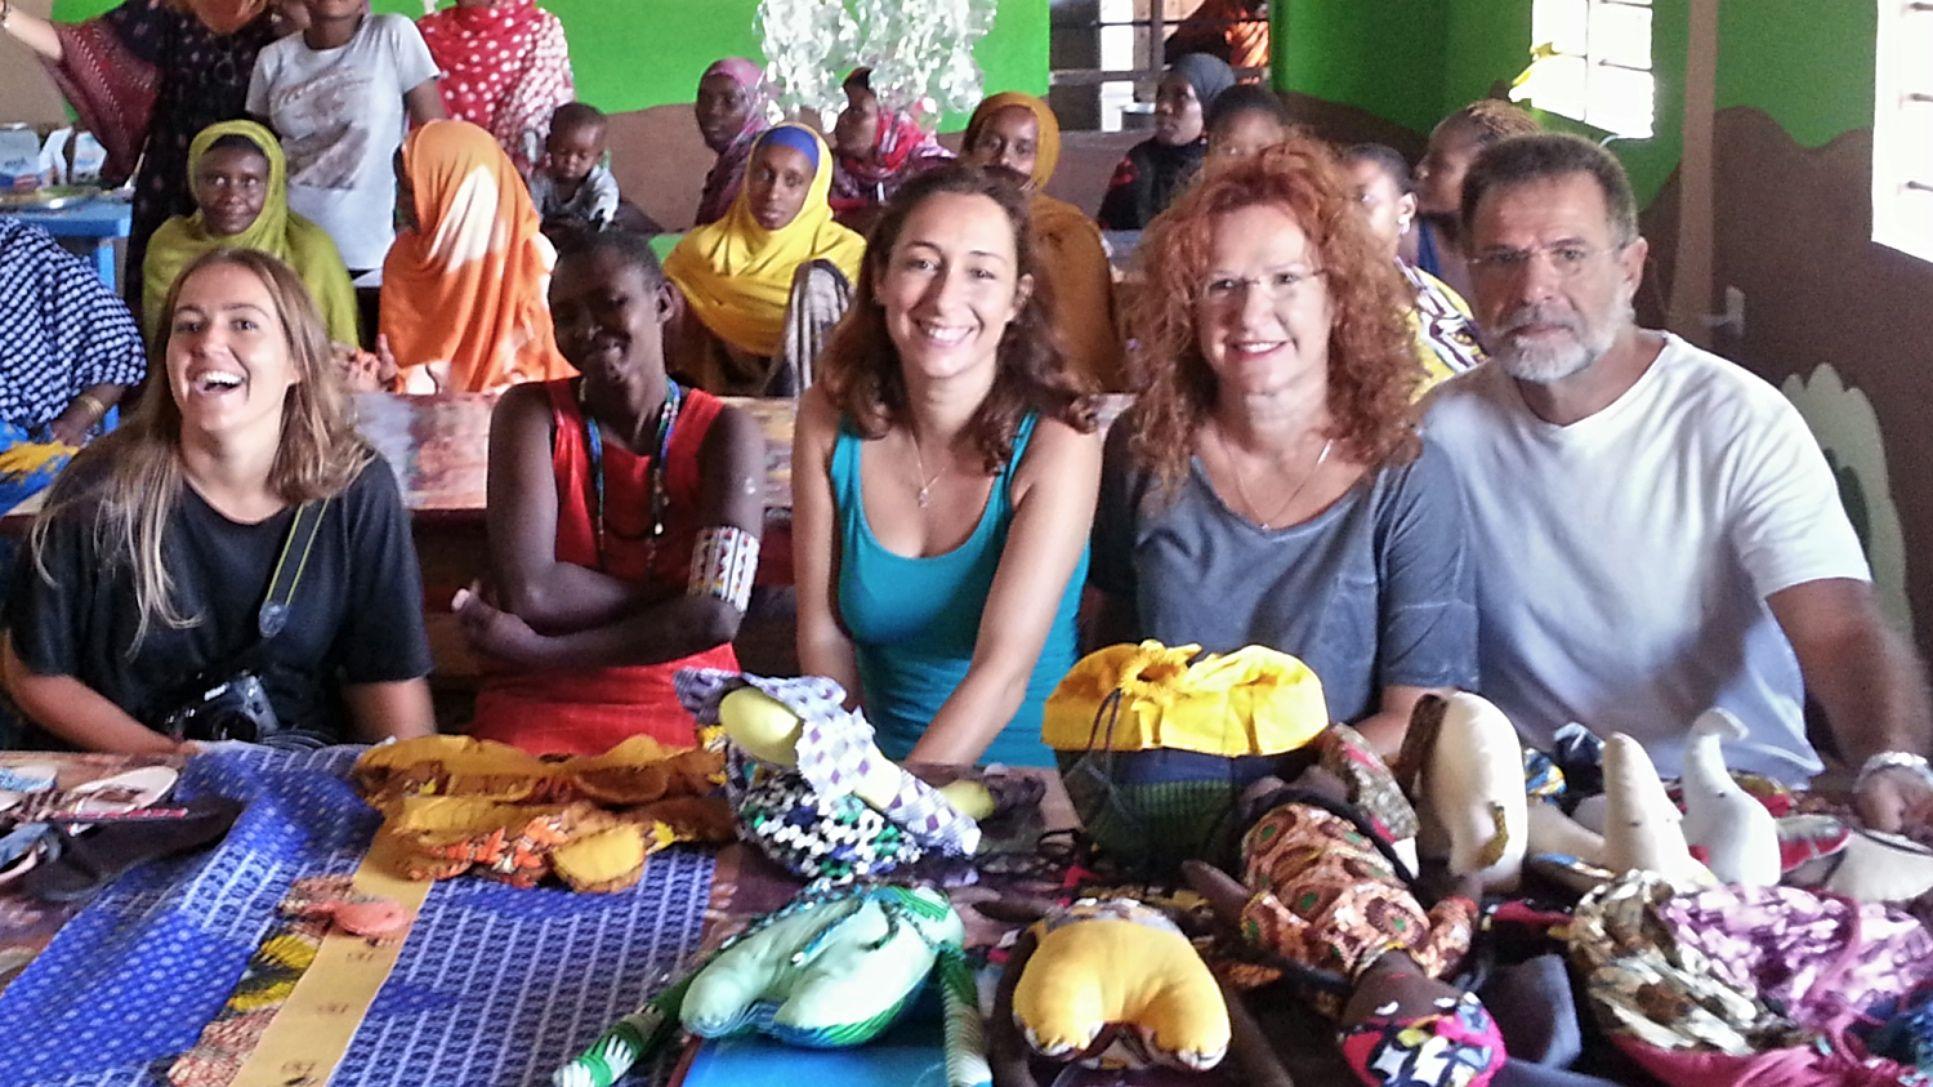 Presentación de los nuevos diseños de Free Design Bank, en el nuevo taller de producción para Jimudu Women Group en Lamu (Kenia).